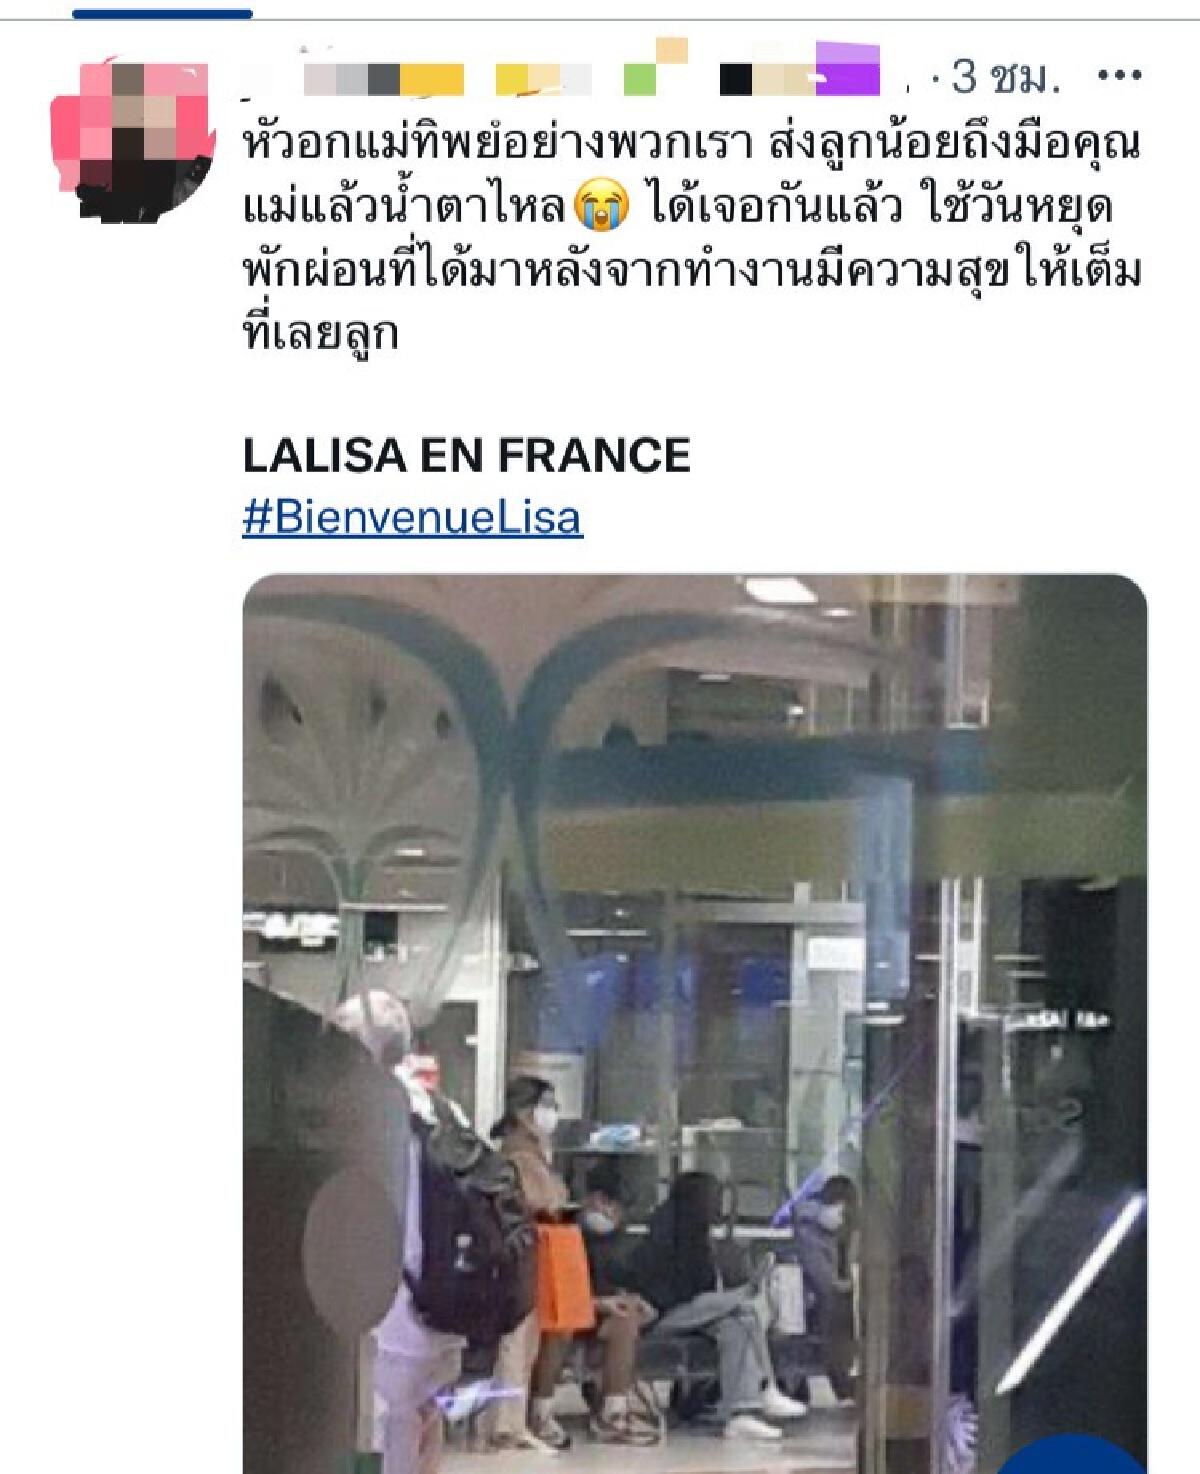 """อบอุ่น """"ลิซ่า Blackpink""""  ถึงฝรั่งเศสแล้ว เจอคุณแม่ในรอบ 2 ปี"""